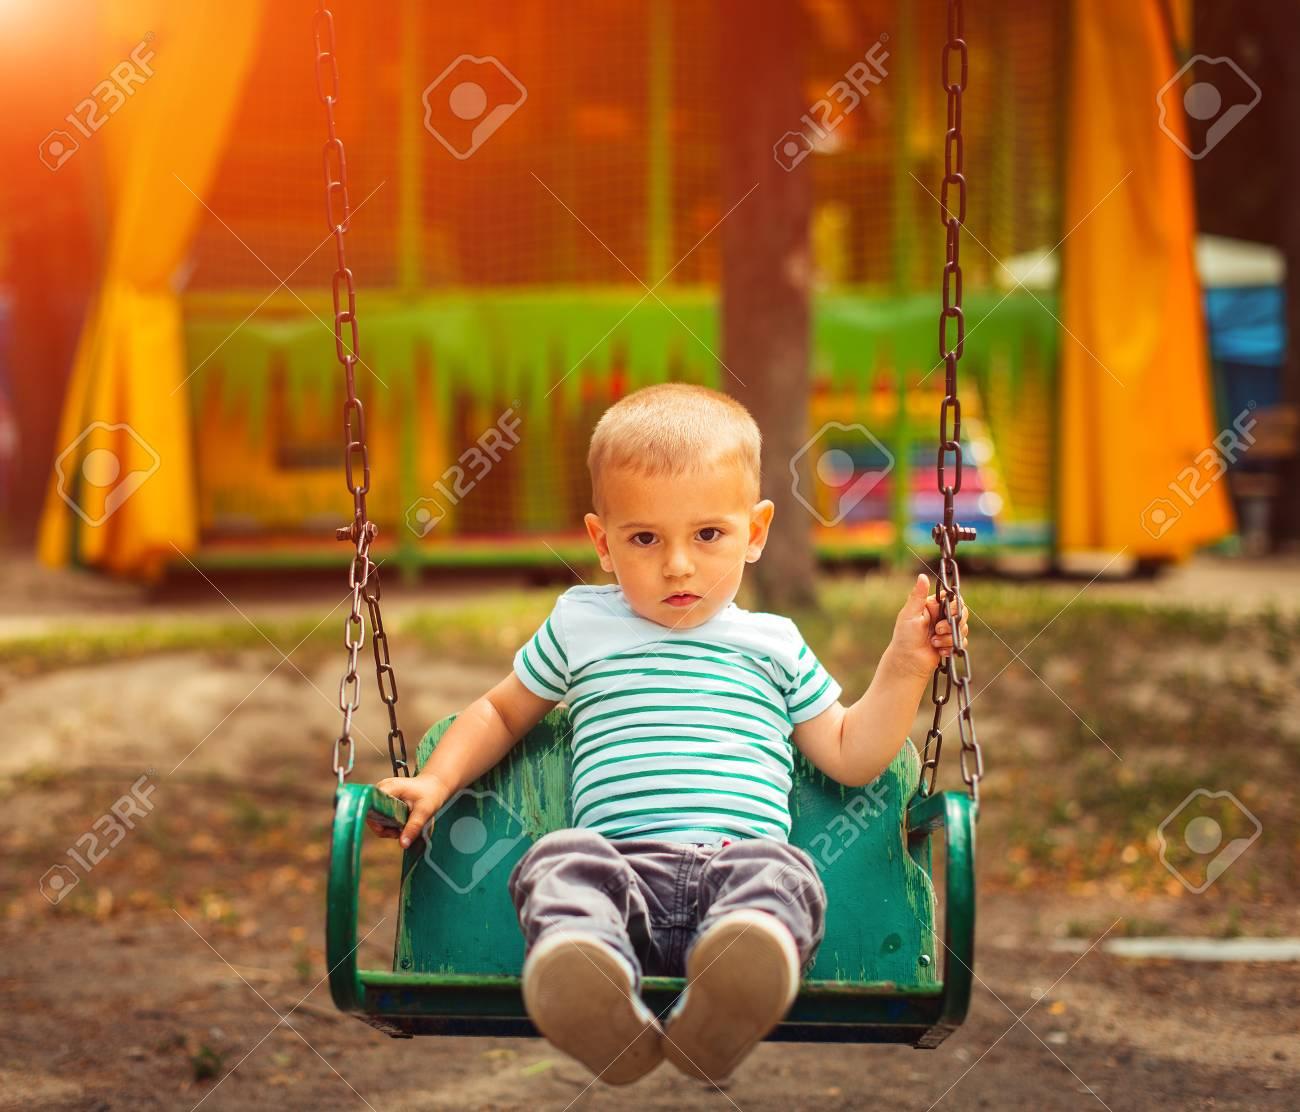 Petit Garçon Blond S'amuser À L'aire De Jeux. Enfant Enfant Jouant Sur Une  Balançoire En Plein Air. Bonne Enfance Active. dedans Jeux Des Petit Garçon